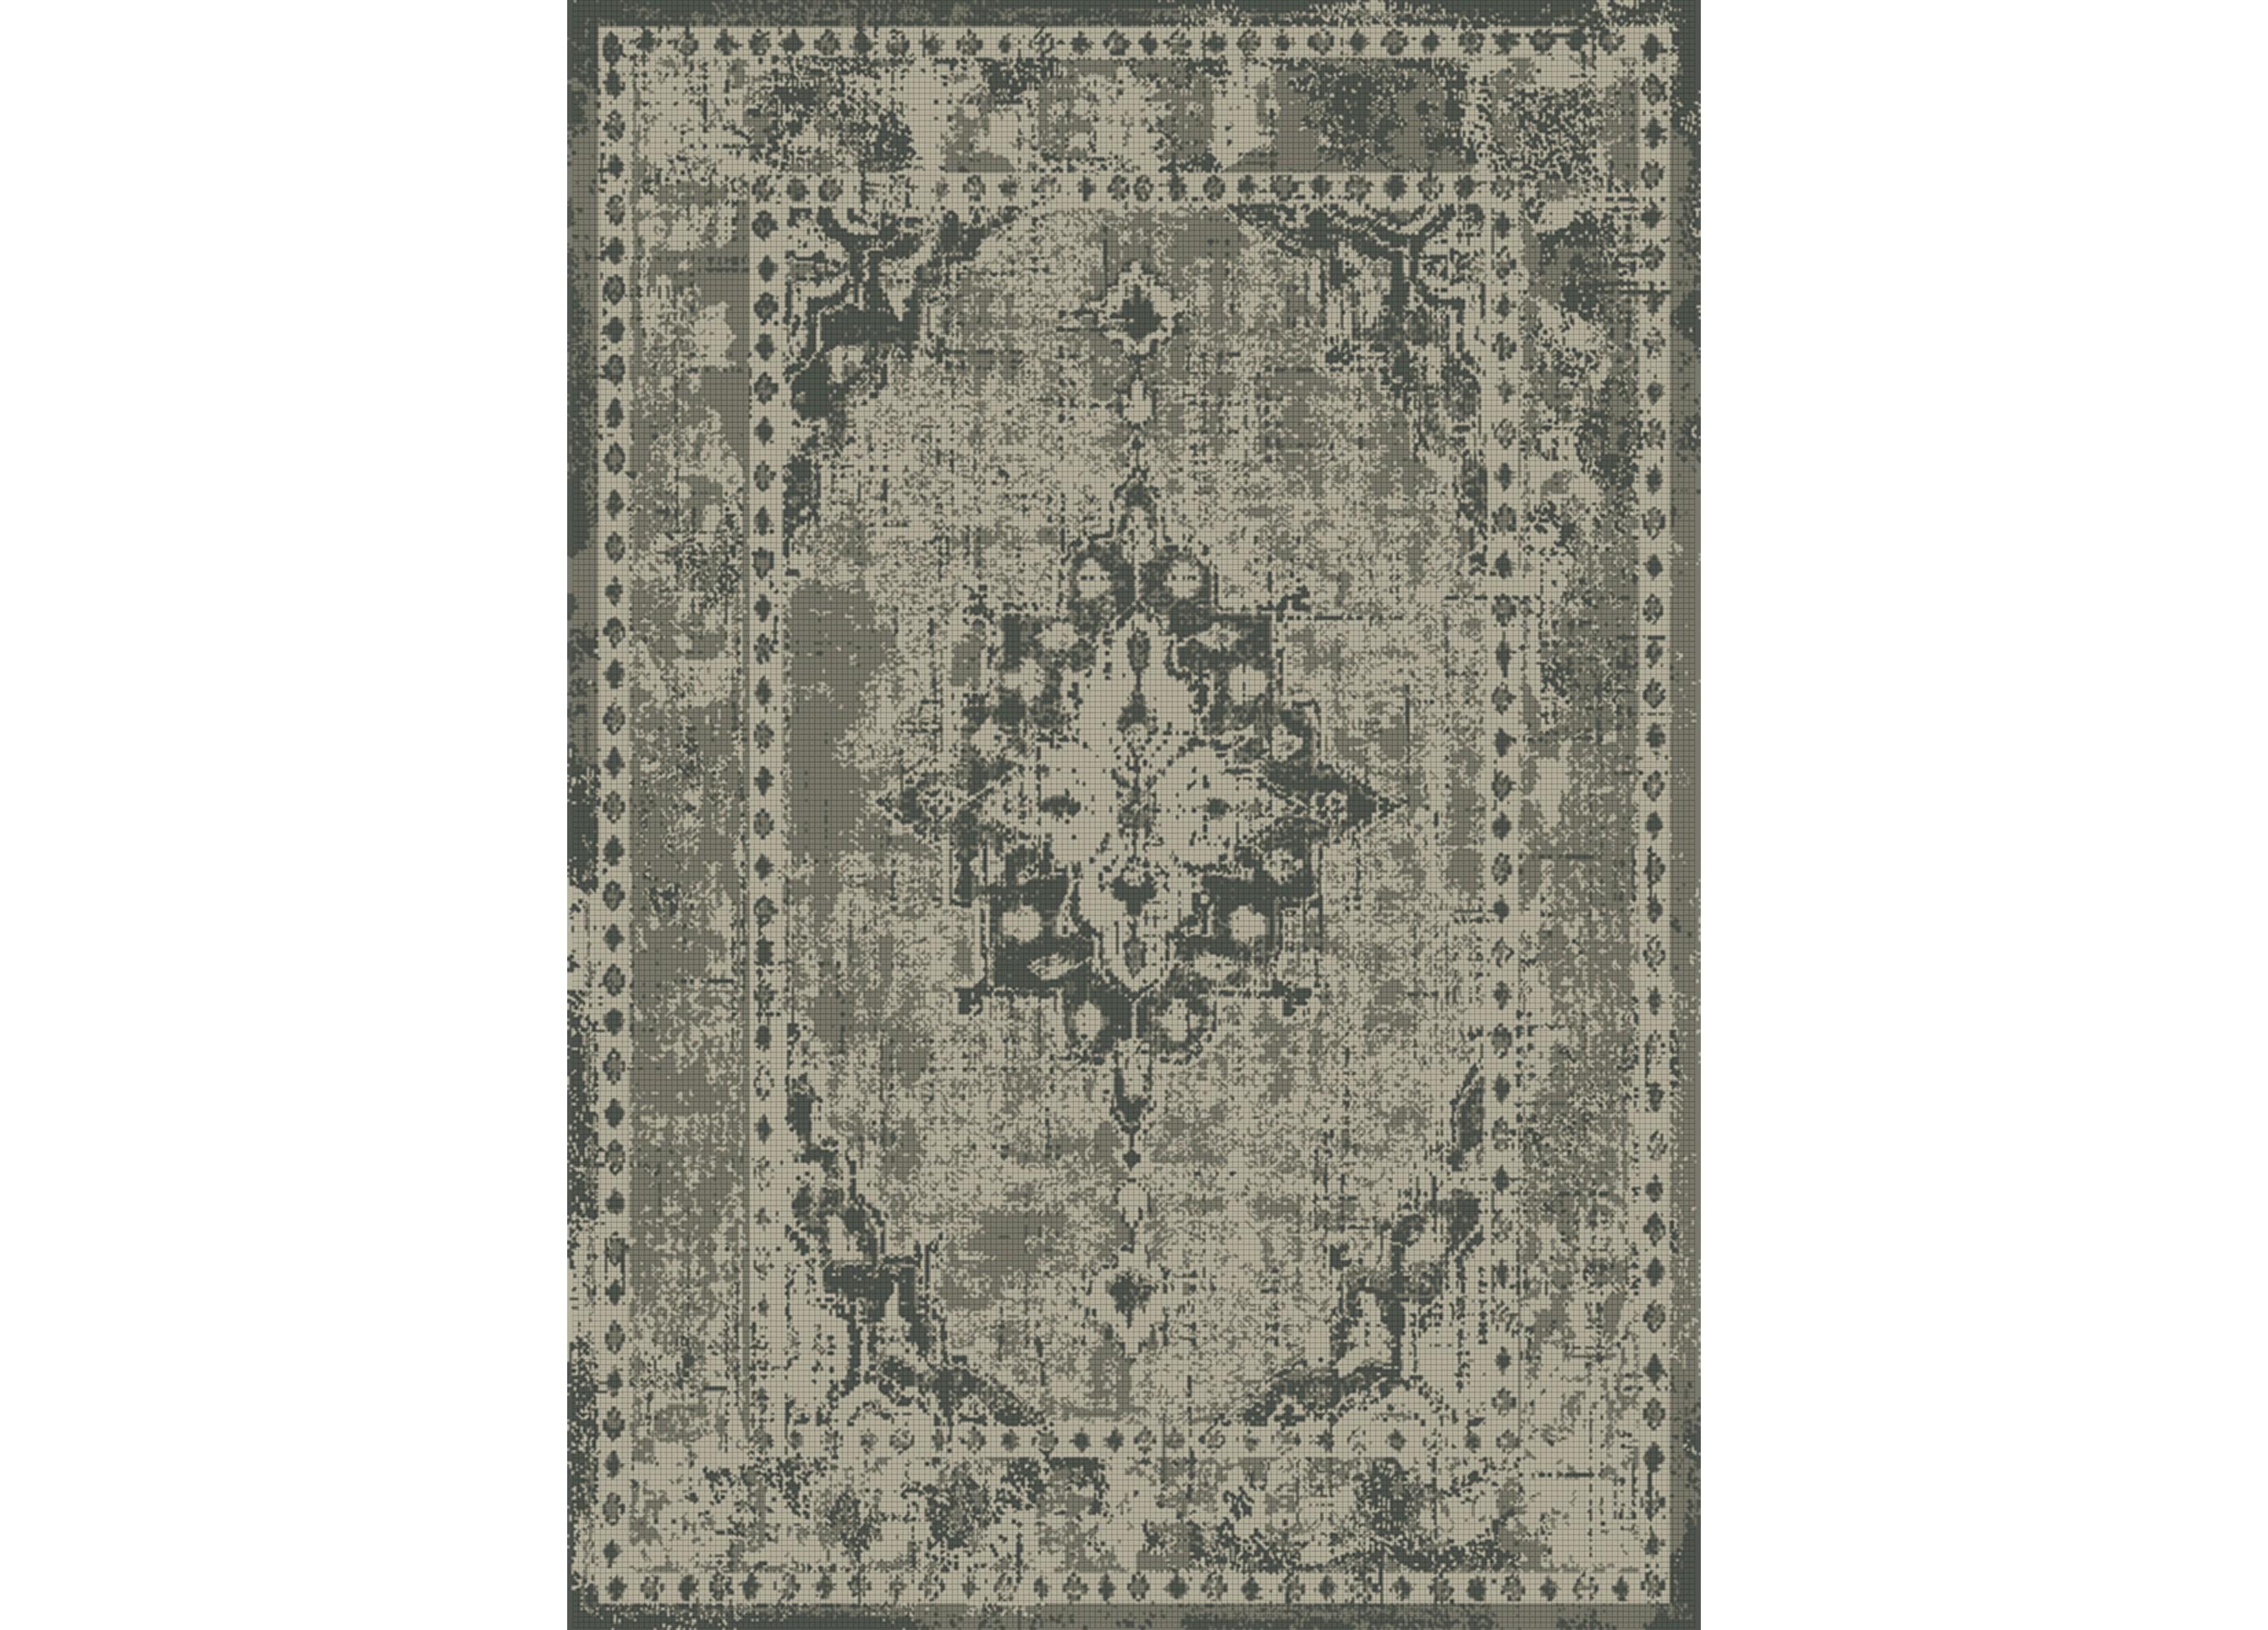 Ковер Viviane 230х160Прямоугольные ковры<br>Коллекция ковров Vintage добавят вашему интерьеру винтажного шика.&amp;lt;div&amp;gt;Материал: 100% Полипропилен.&amp;lt;br&amp;gt;&amp;lt;/div&amp;gt;<br><br>Material: Текстиль<br>Высота см: 1